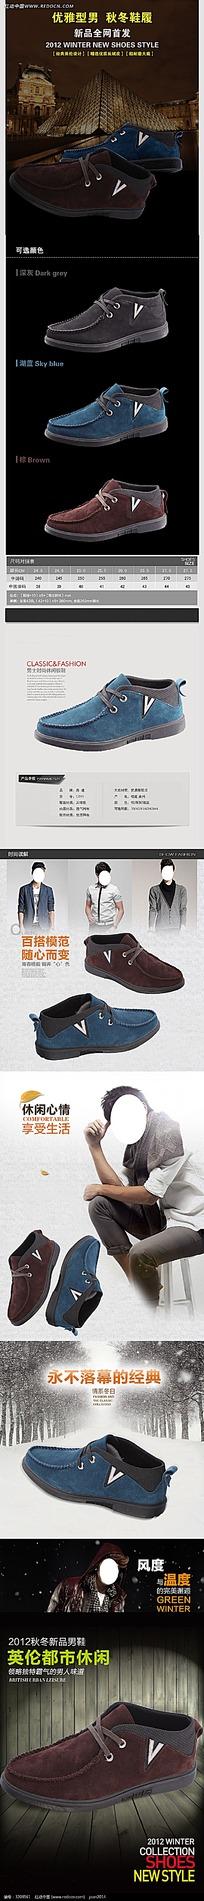 奔速休闲帆布鞋细节详情页PSD素材